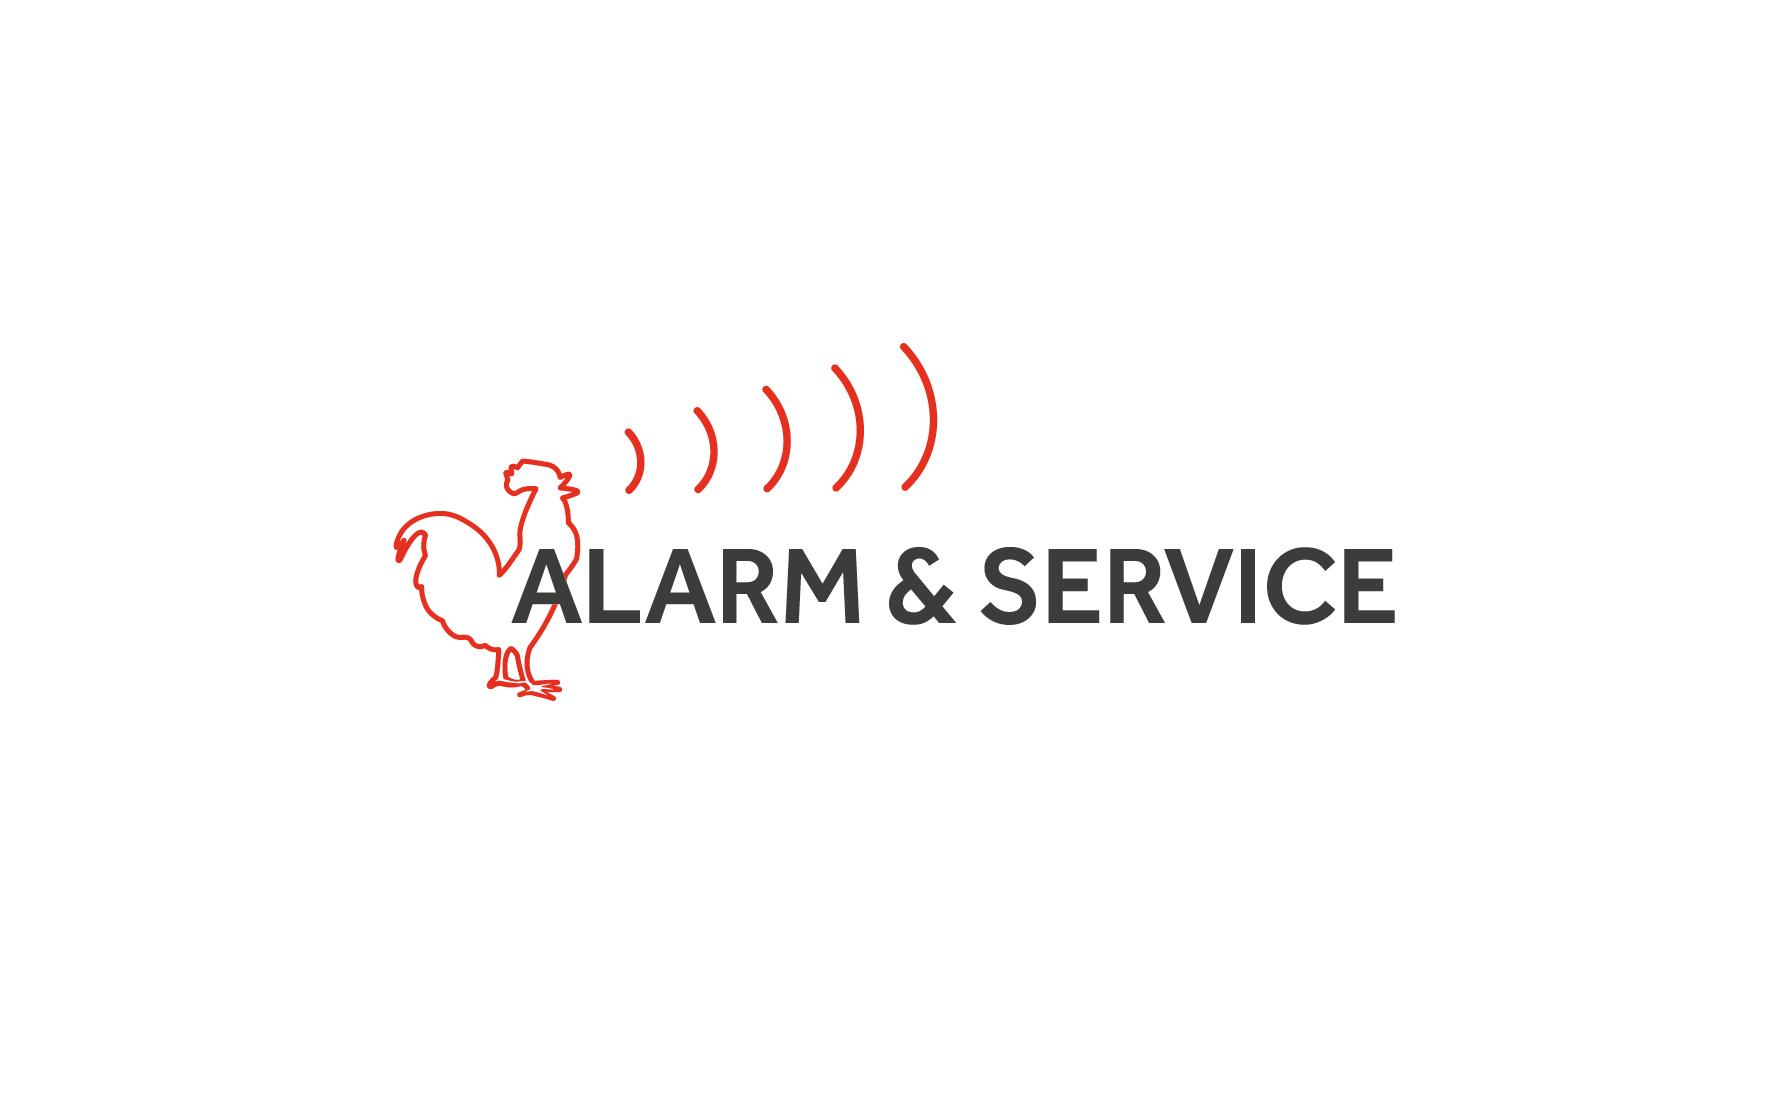 Alarm og service logo